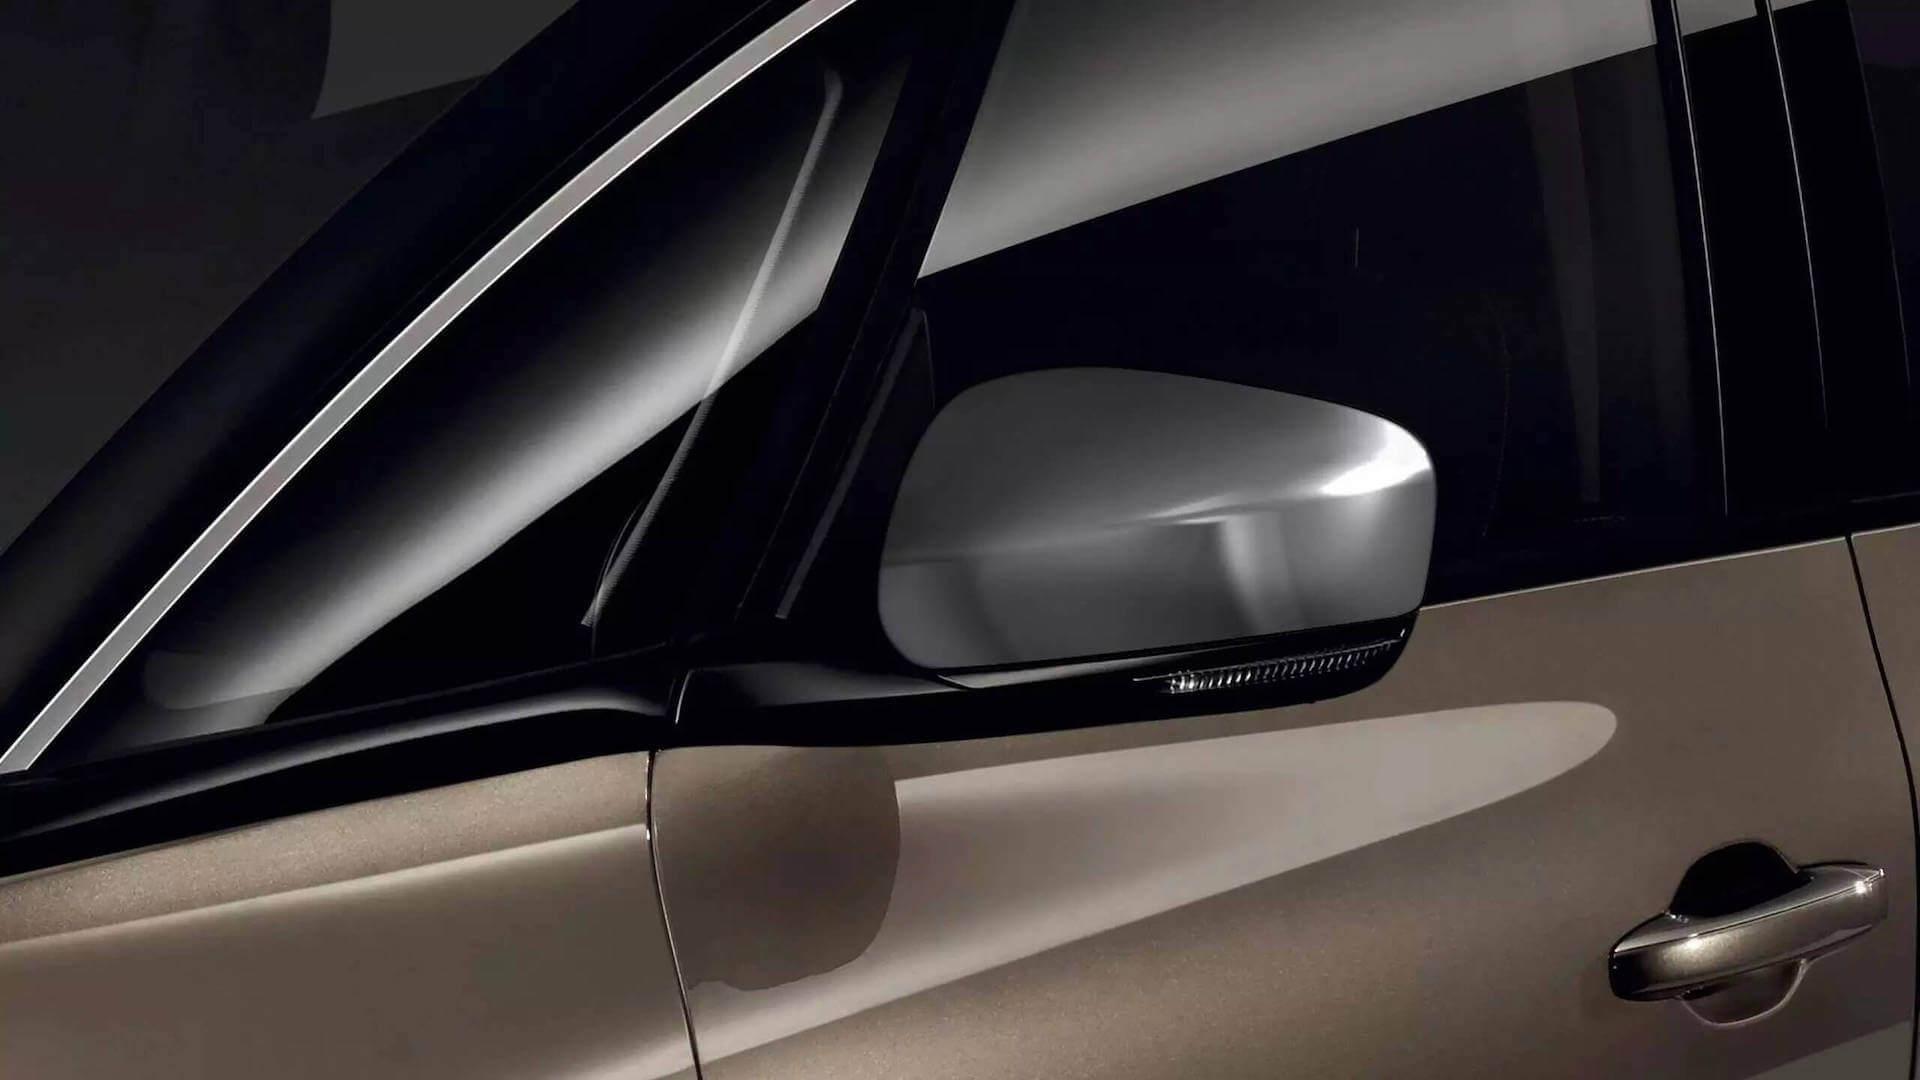 Zweifarbenlackierung vom Auto - Renault Scenic - Renault Ahrens Hannover